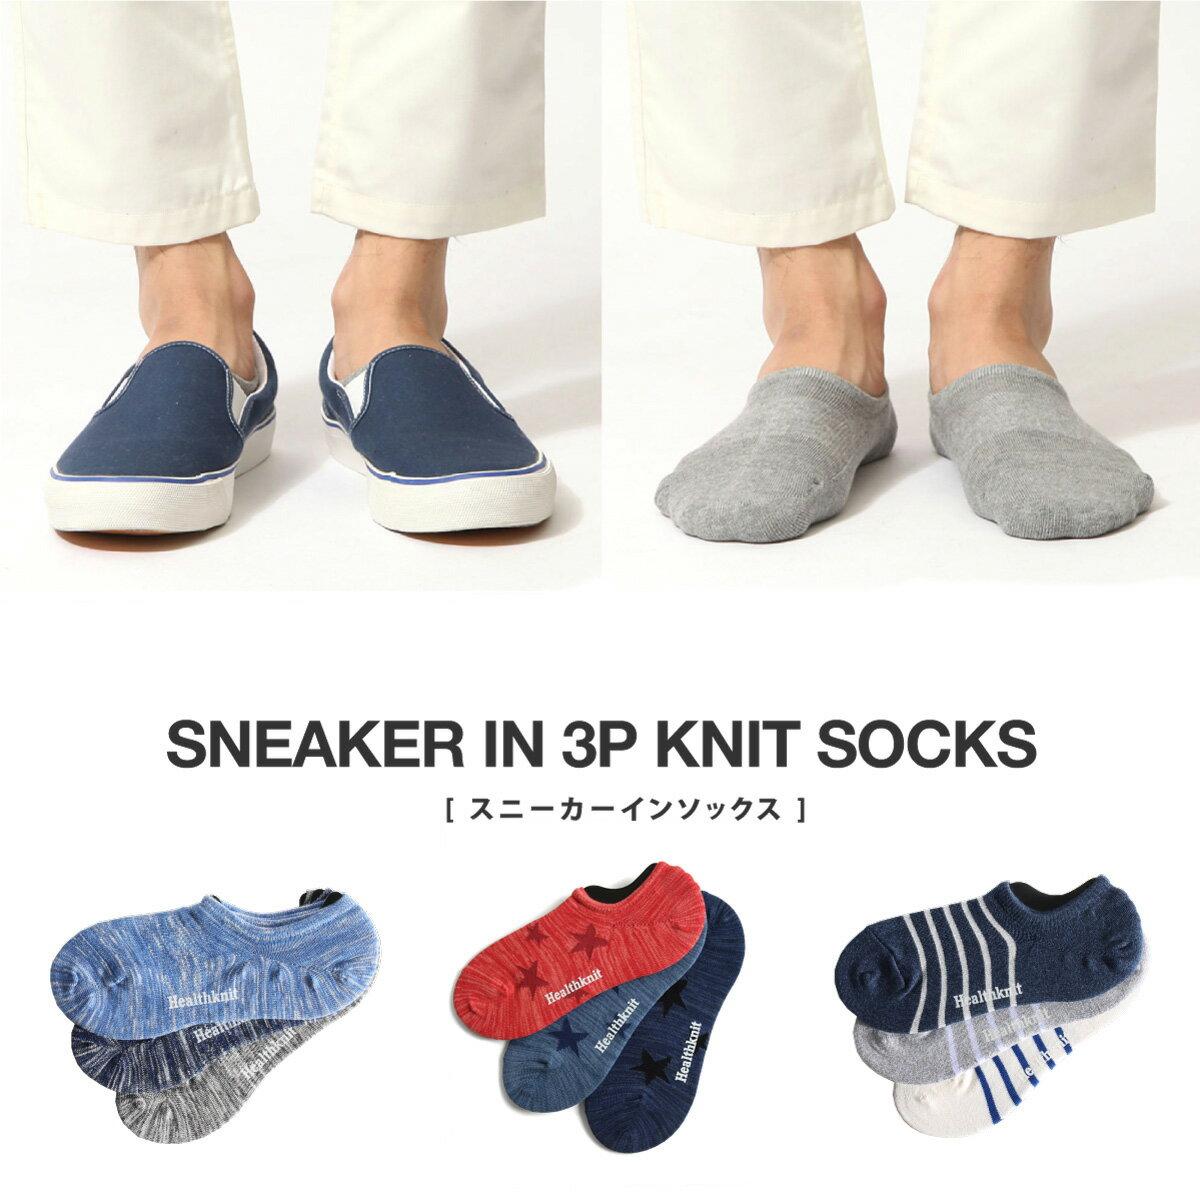 ソックス メンズ ニットソックス 3P セット スニーカーインソックス カバーソックス 靴下 くつした ヘルスニット Health Knit ZIP ジップ 春 春物 春服 【191-3-in12】 D